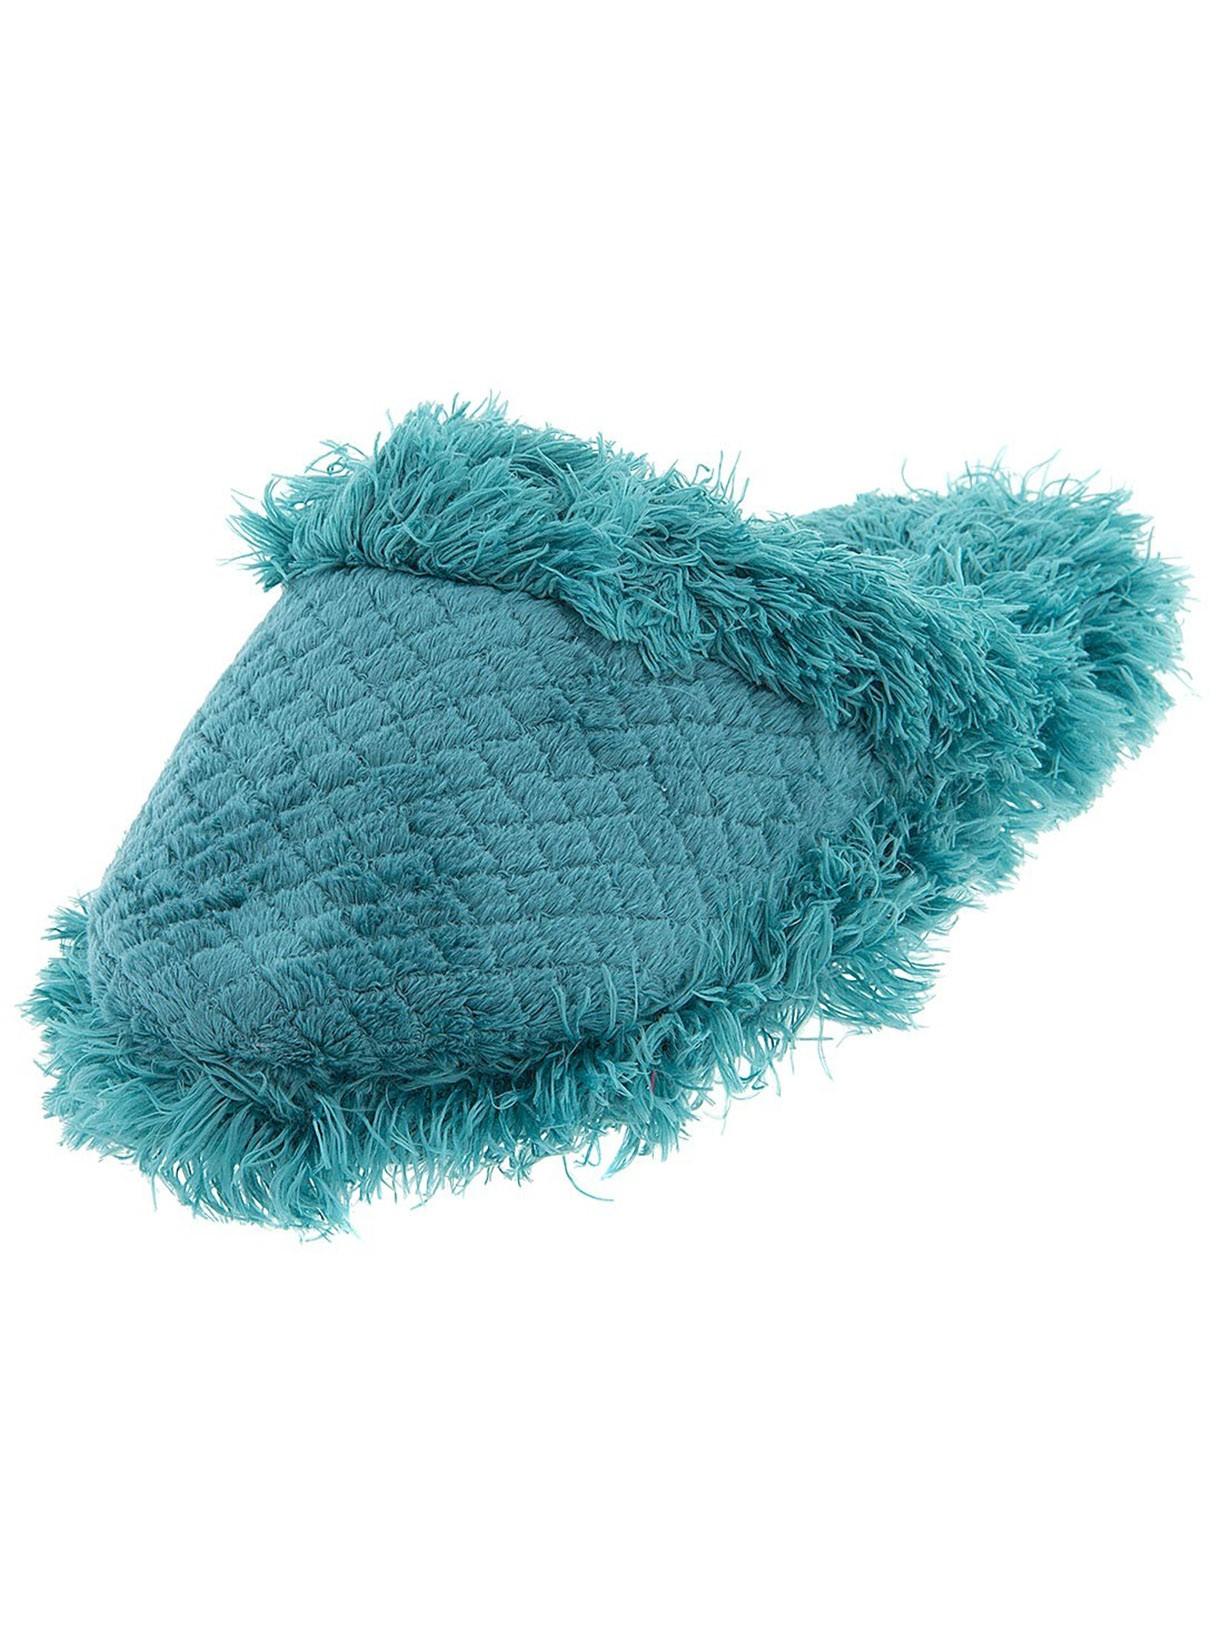 Green A2 by Aerosoles Fuzzy Women's Slippers by